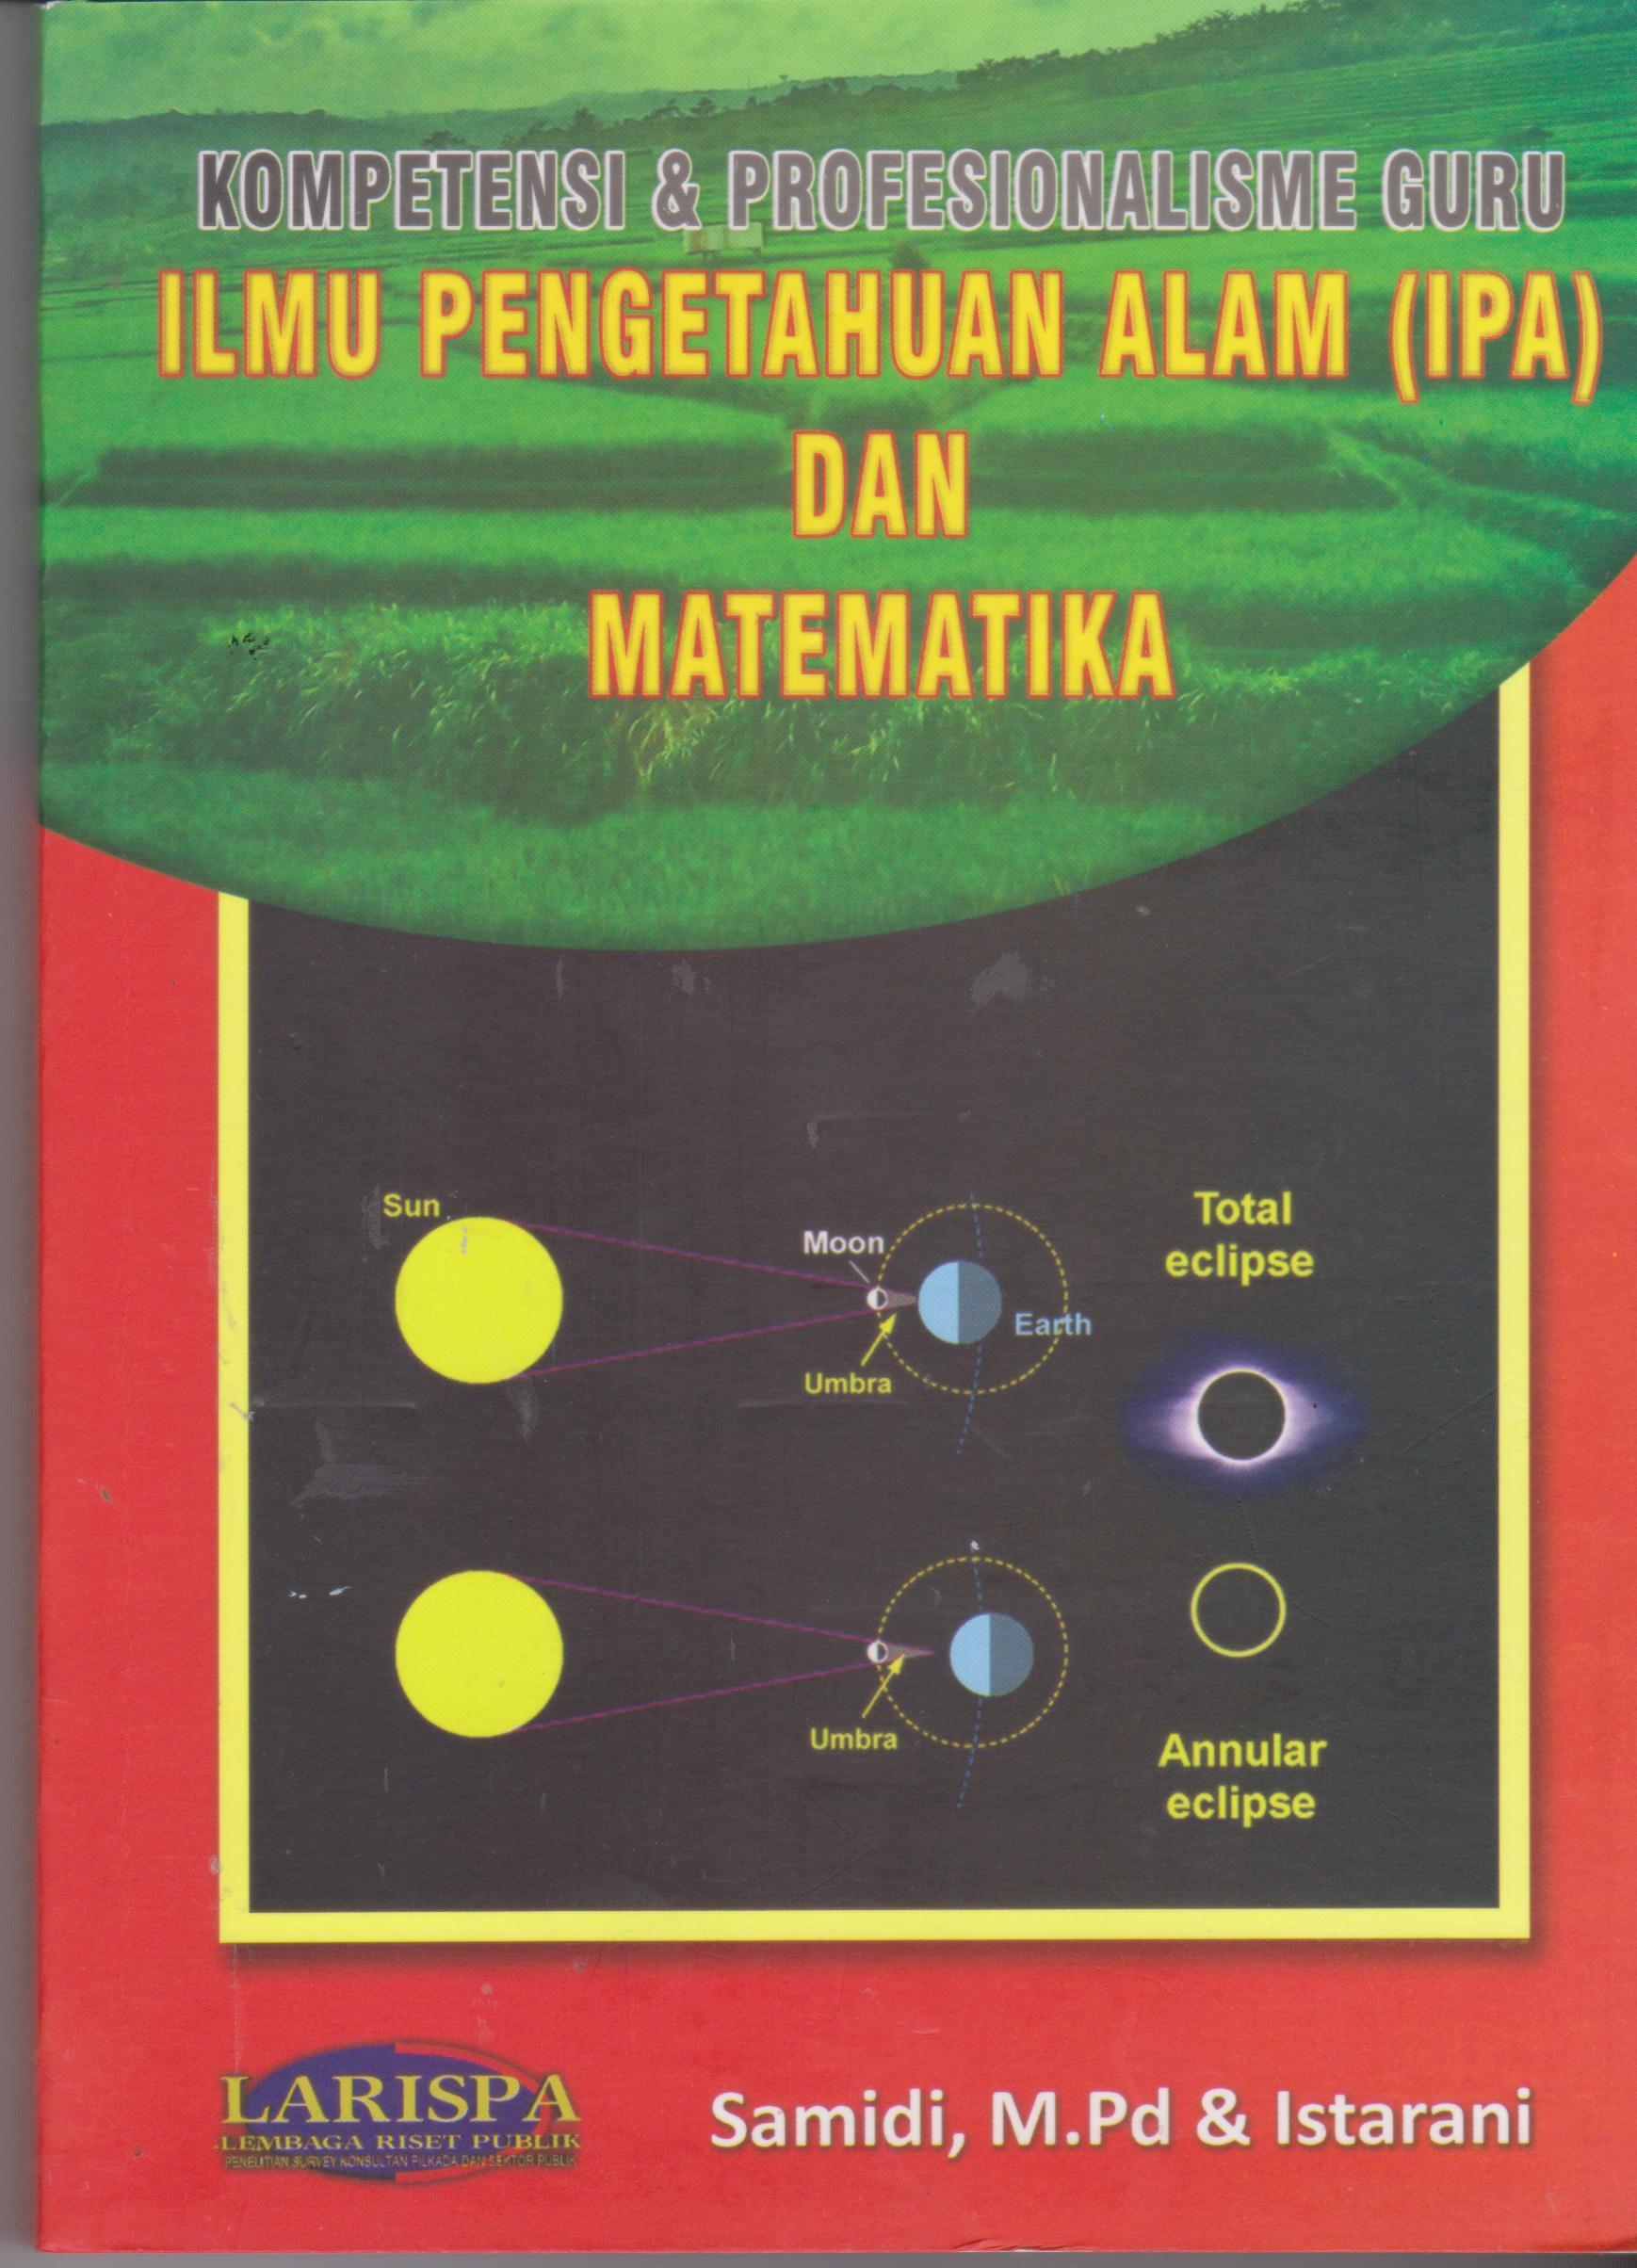 Kompetensi & Profesionalisme Guru: Ilmu Pengetahuan Alam dan Matematika